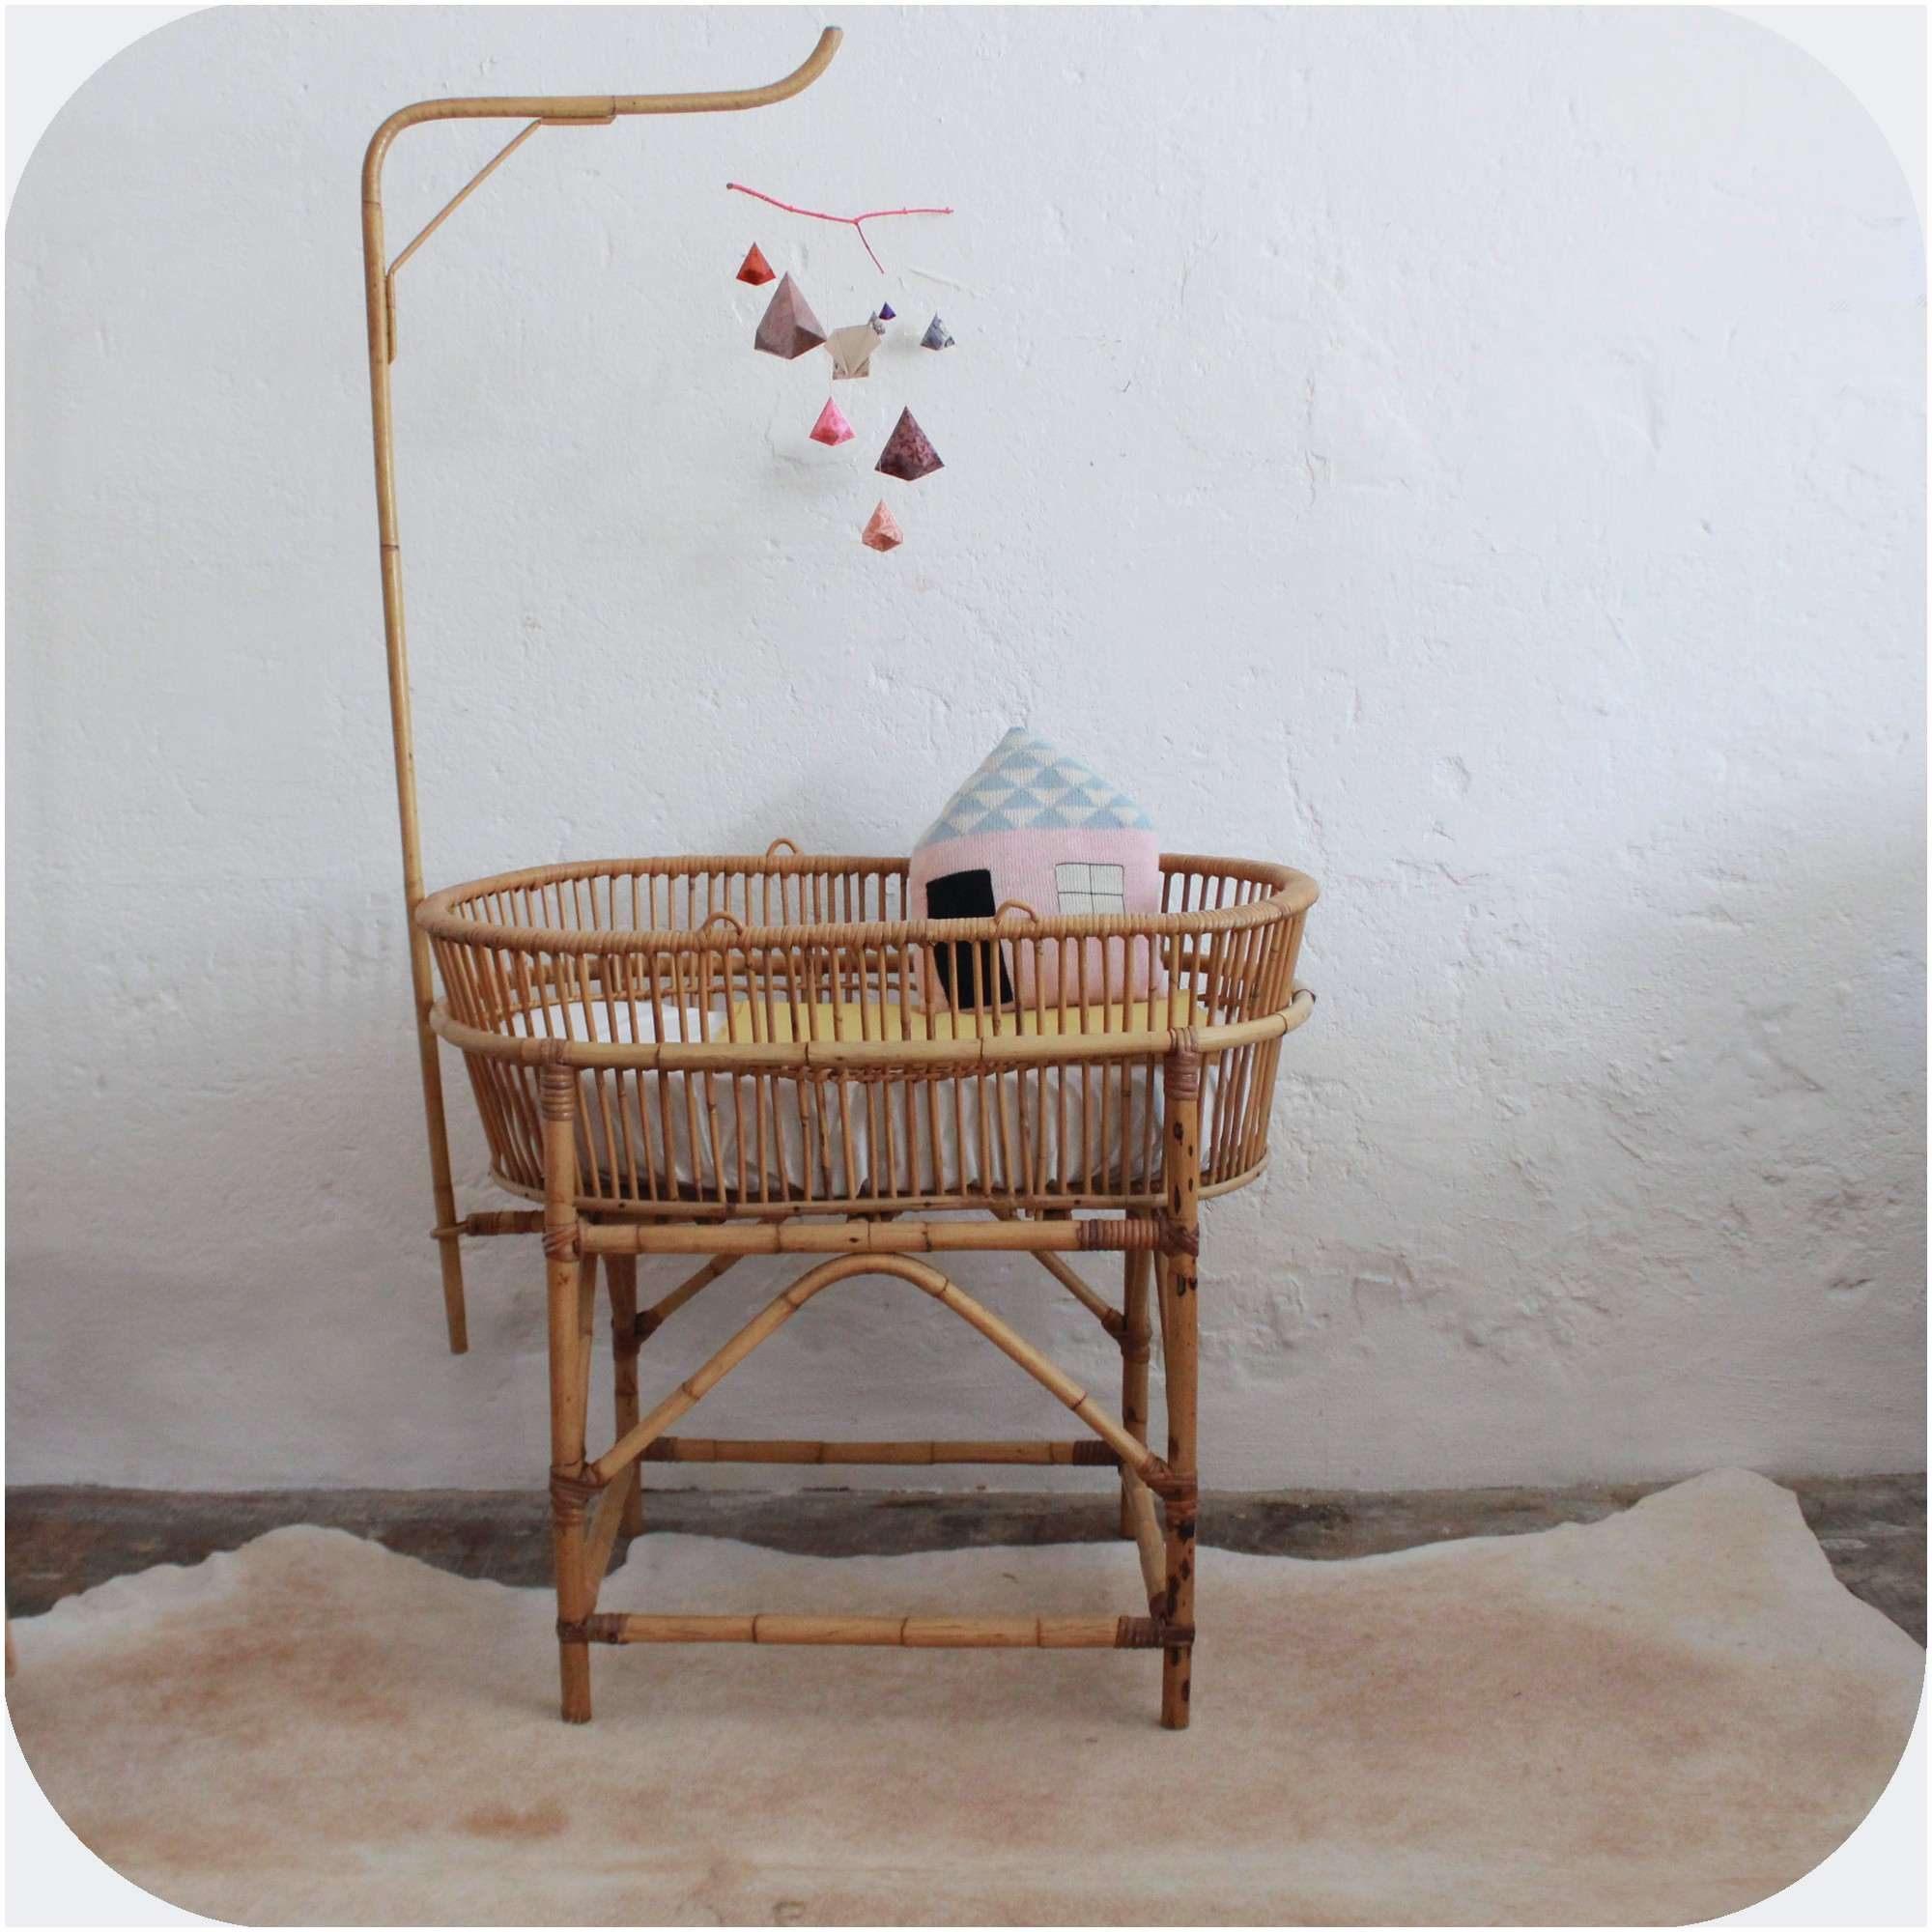 Lit Bébé Conforama Impressionnant Elégant Chambre Bébé Fille Gris Et Rose Beau Parc B C3 A9b C3 A9